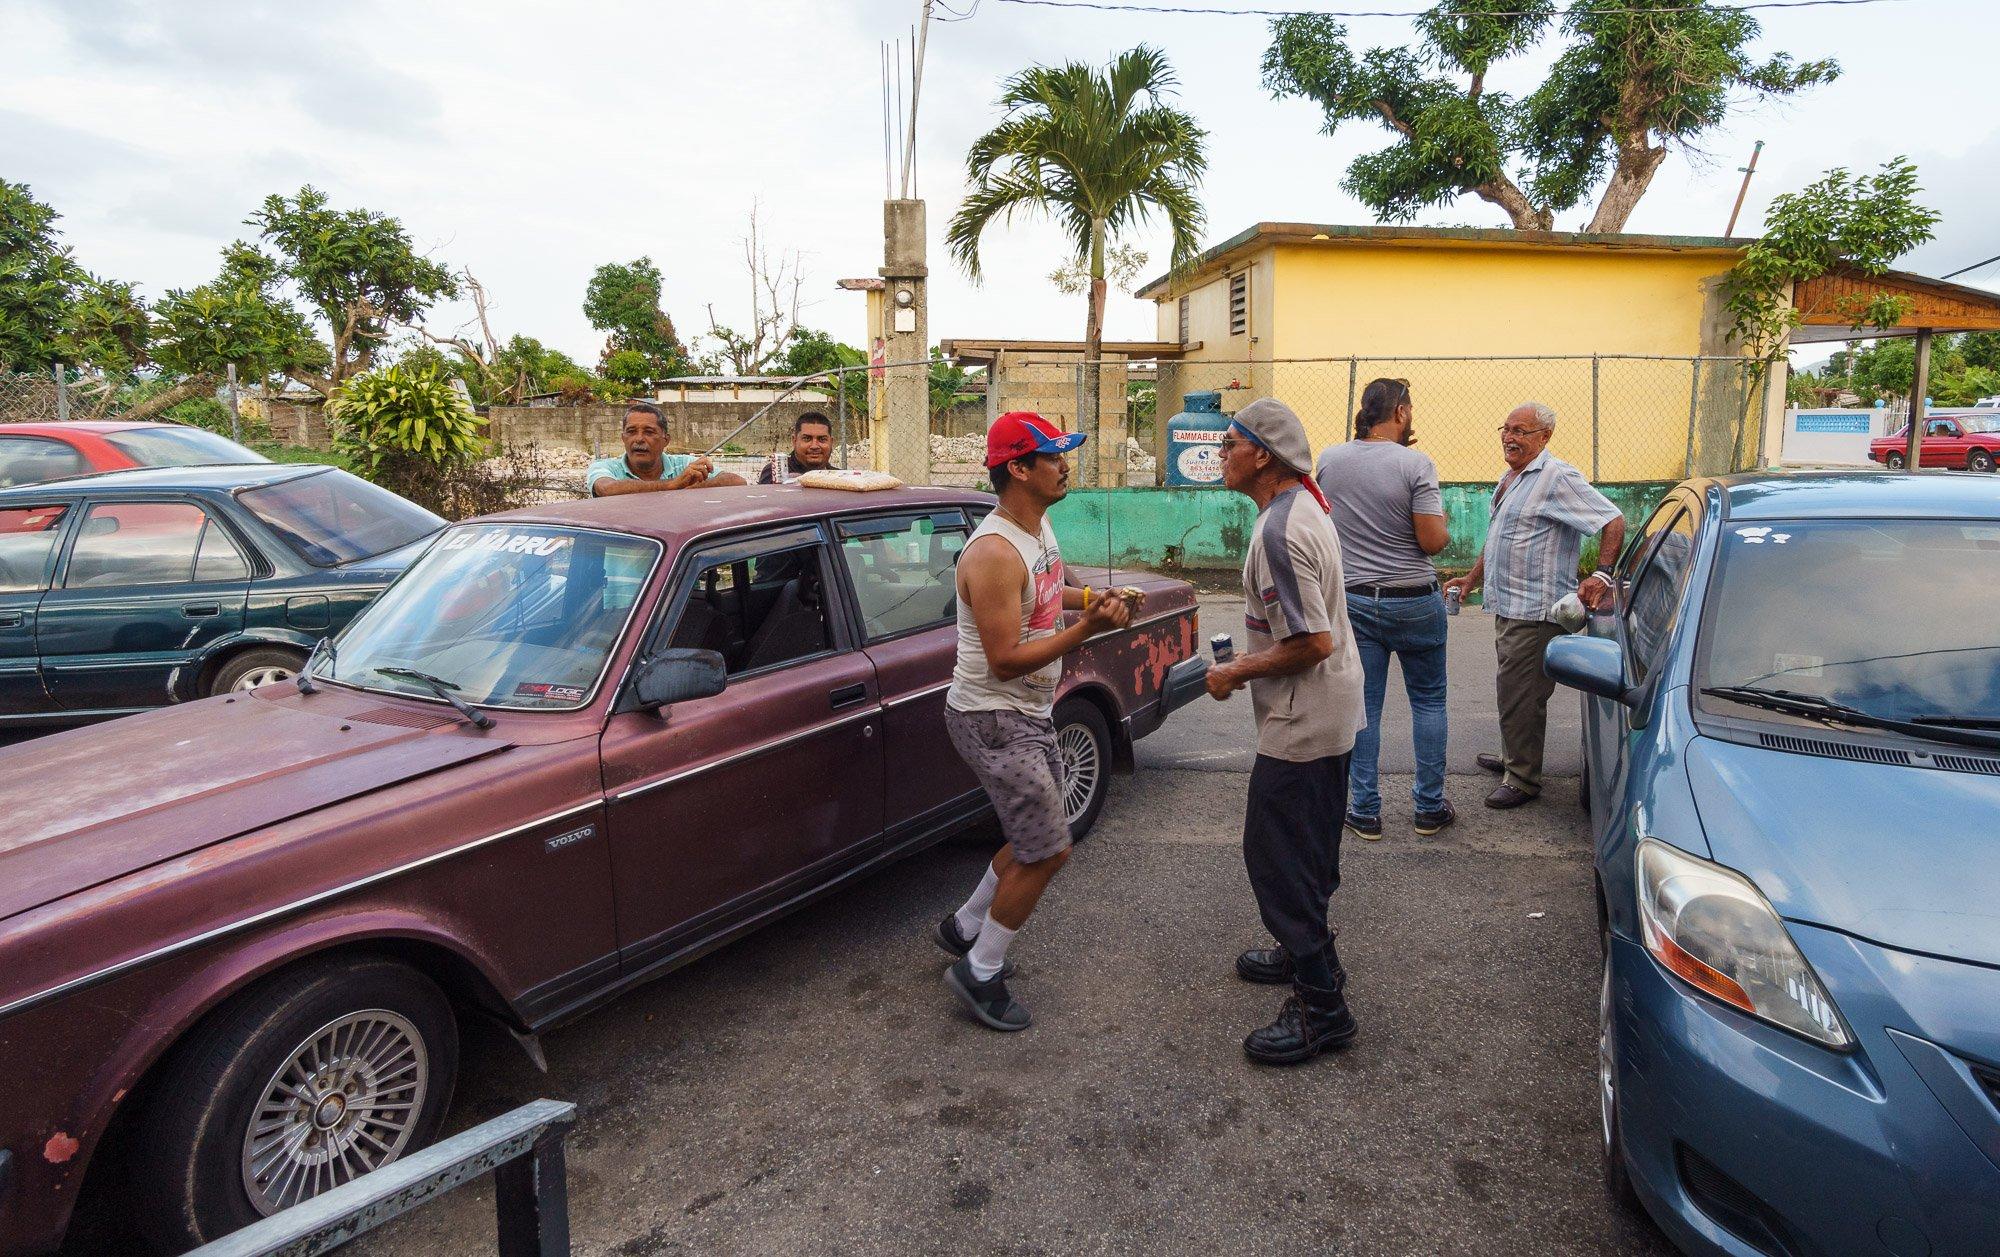 Dancing at the Colmado in Puerto Rico